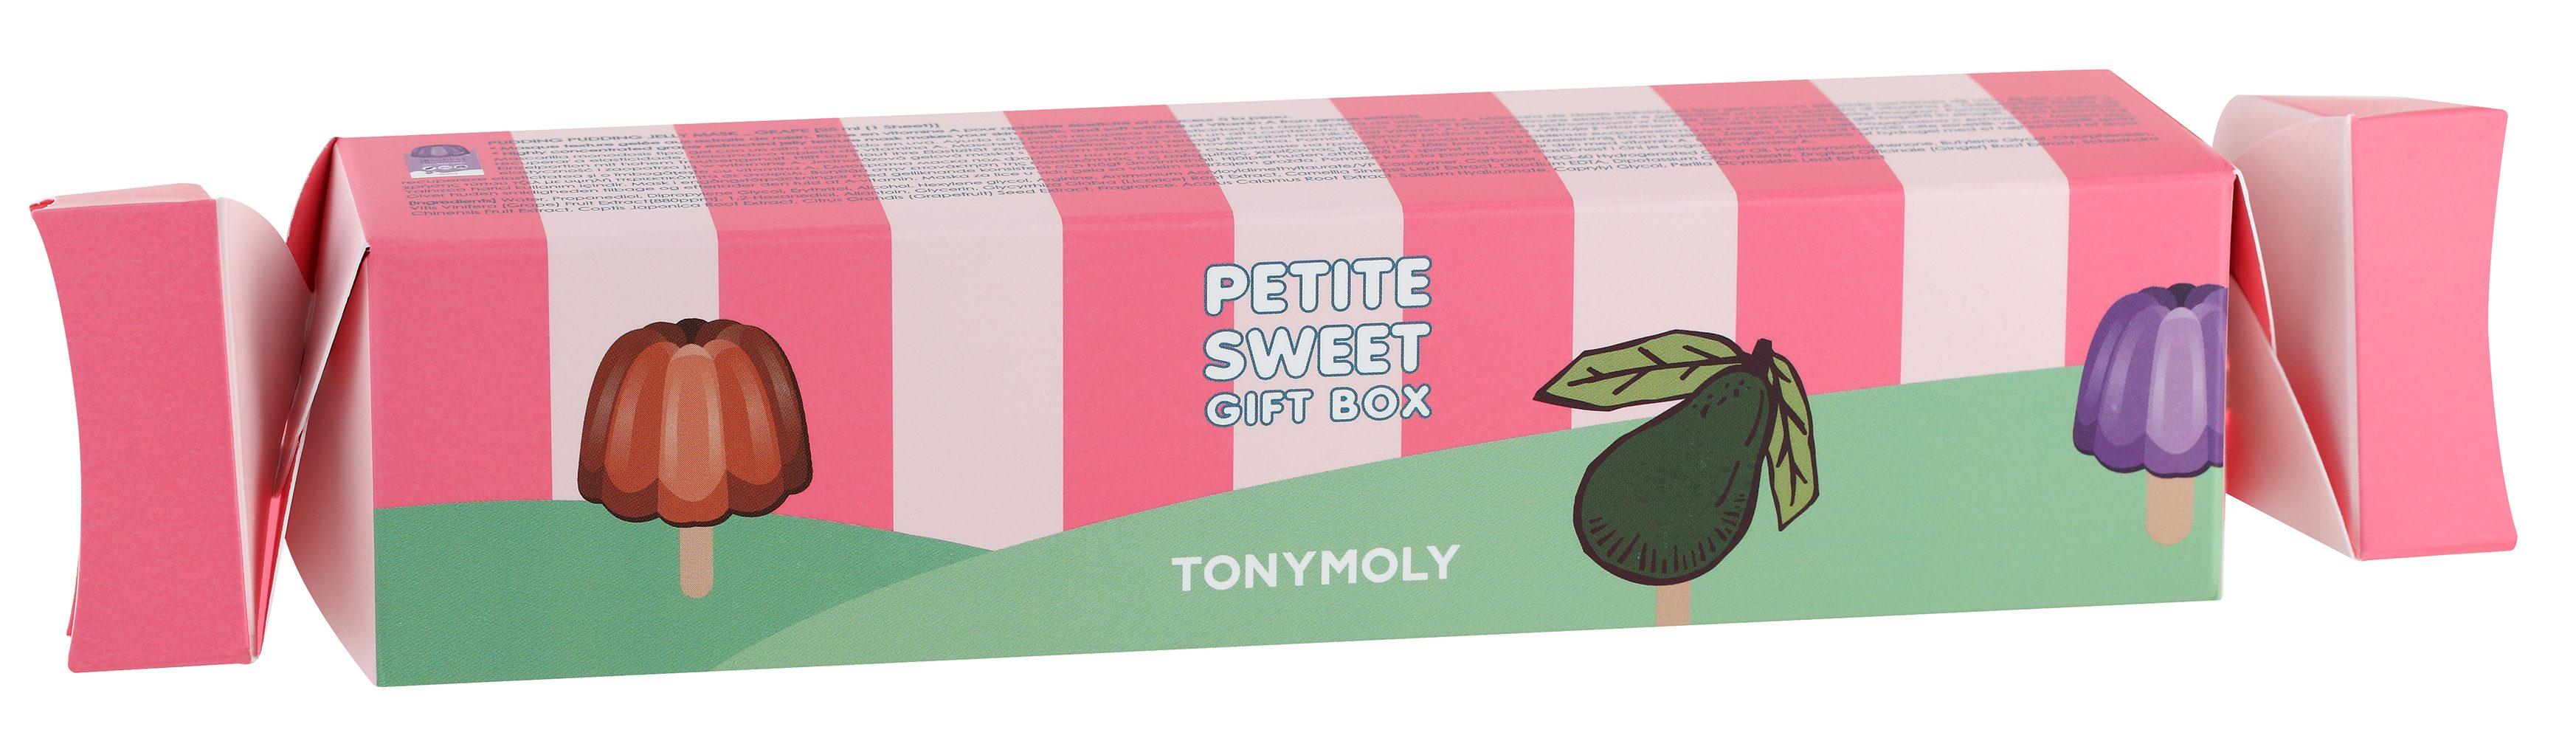 Tony Moly Petite Sweet Gift Box